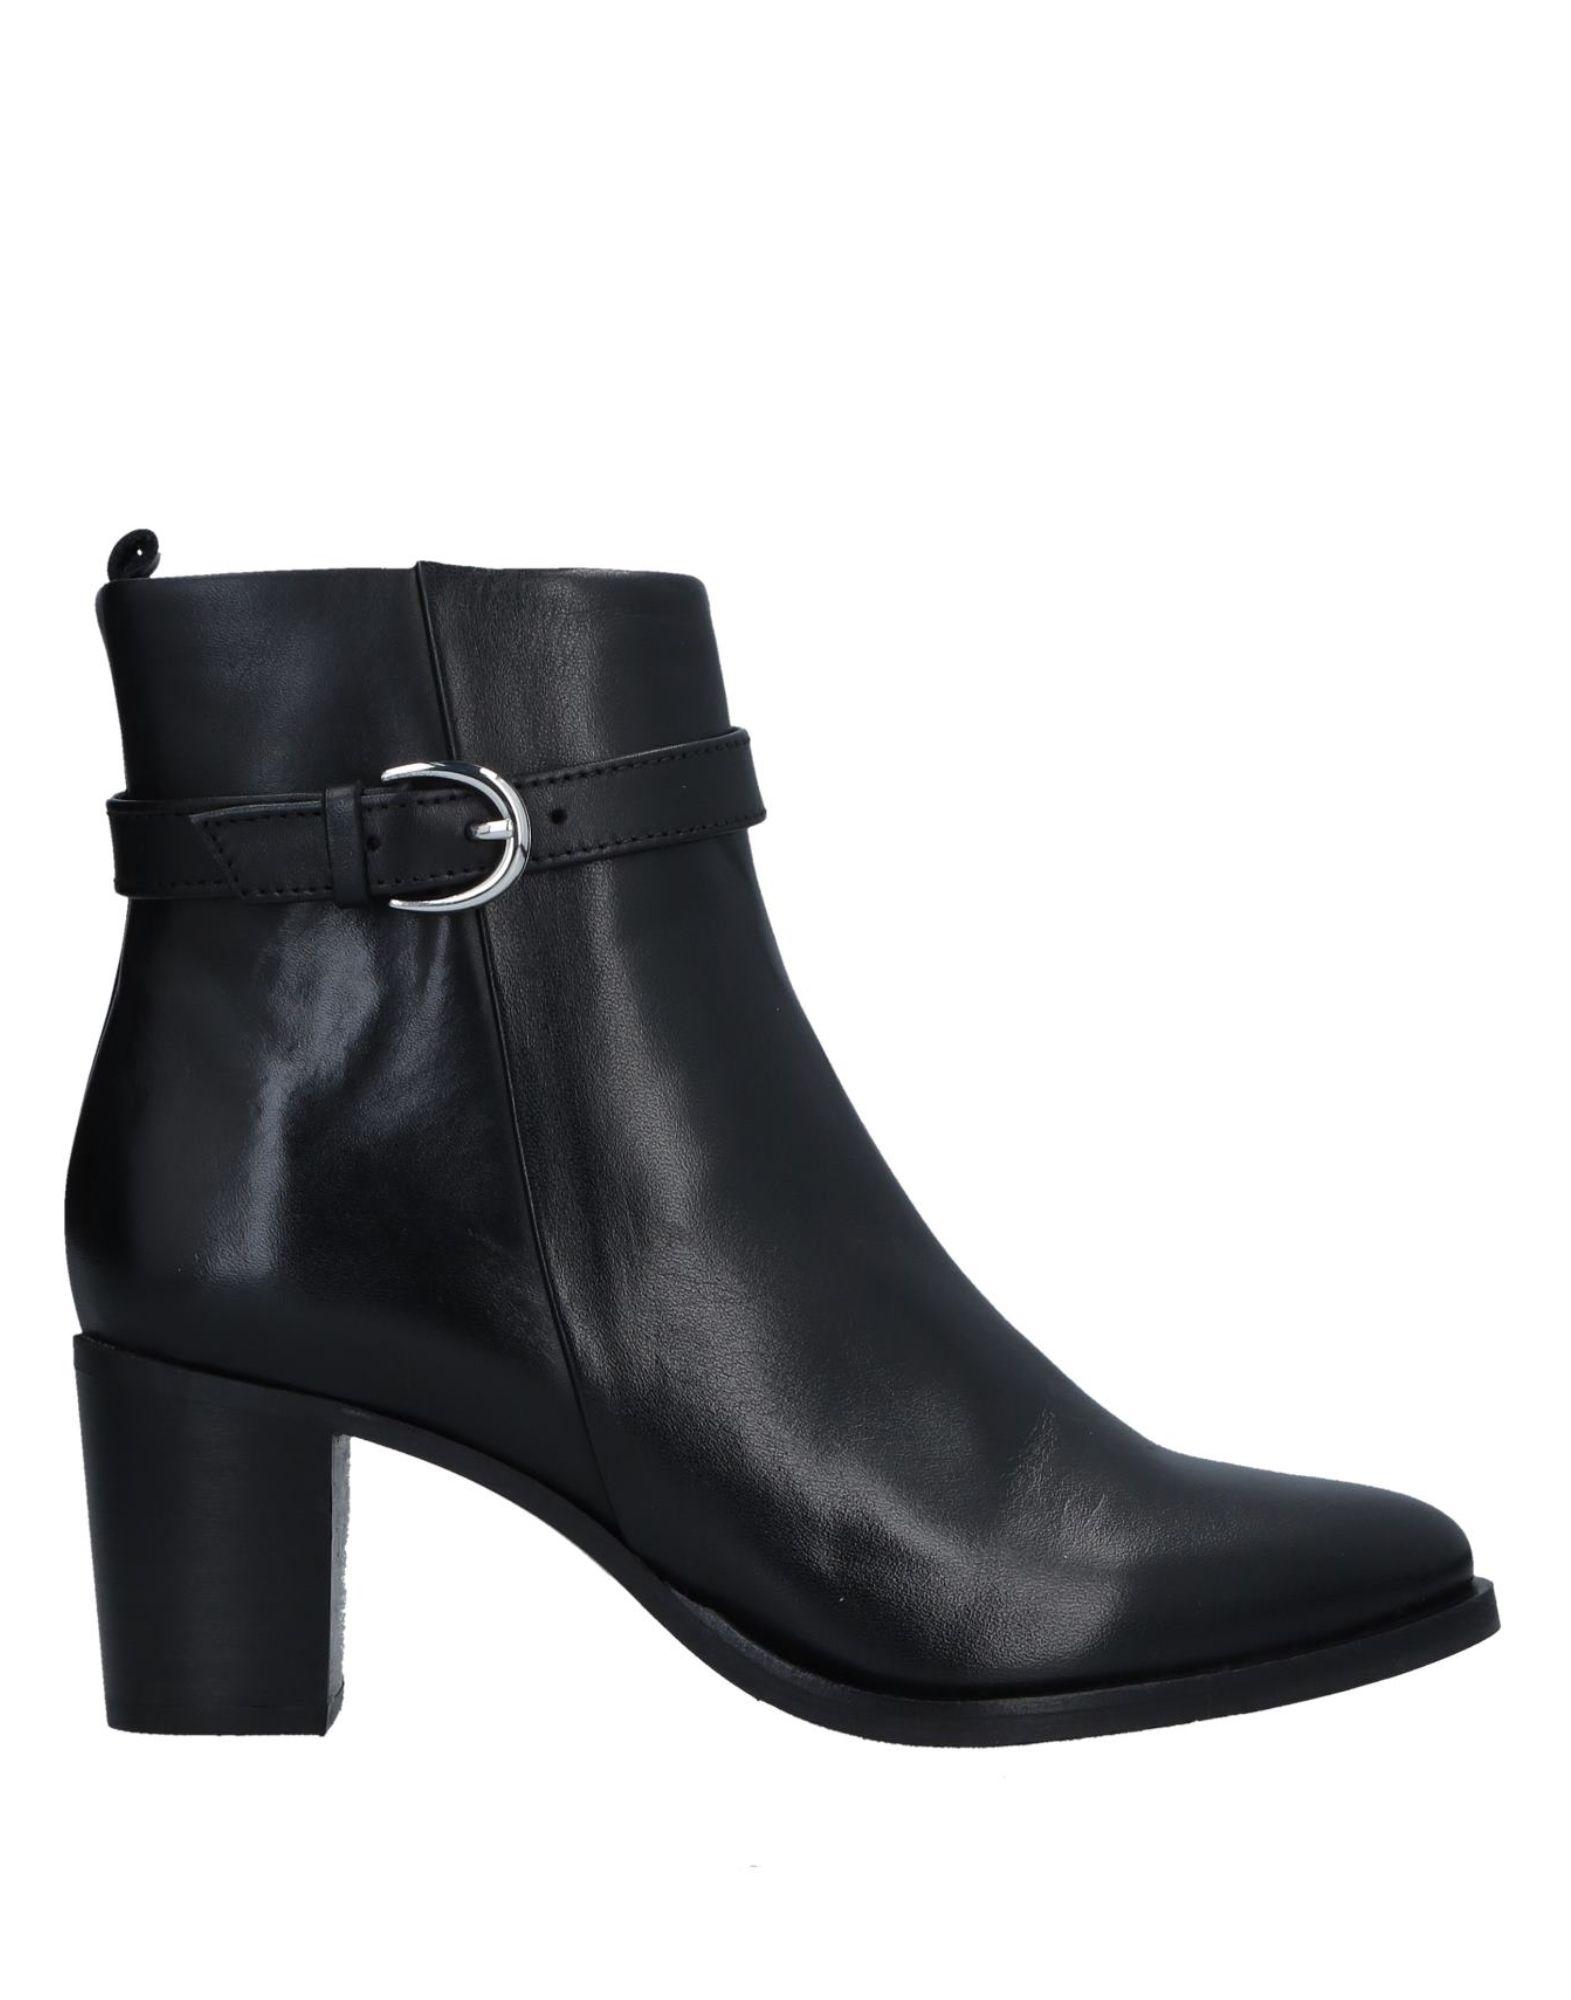 Rabatt Schuhe Royal Republiq  Stiefelette Damen  Republiq 11543451WN d46c59